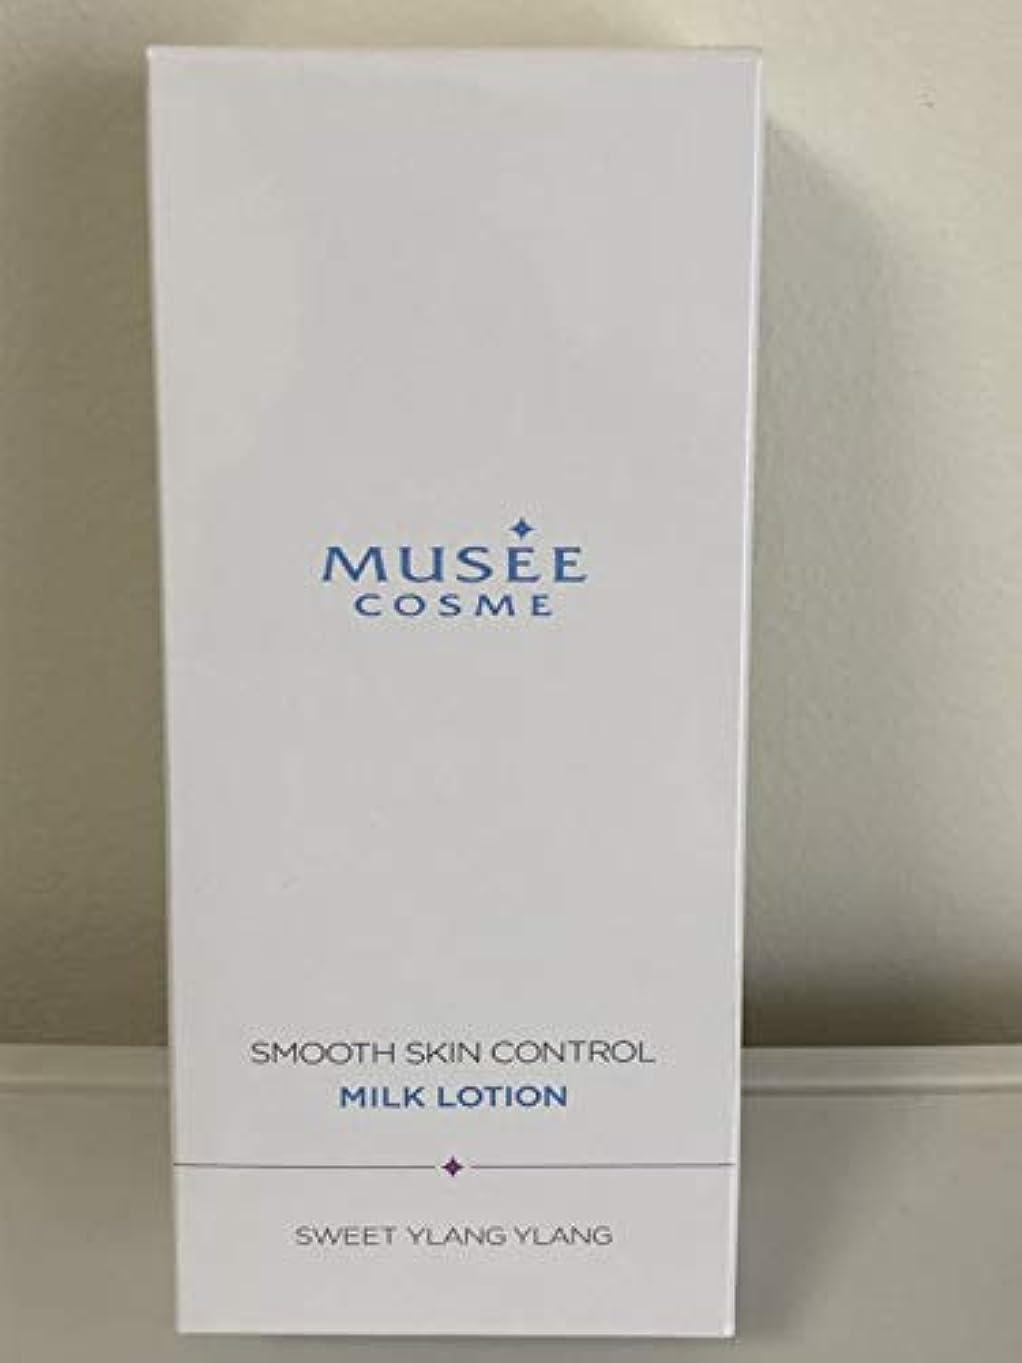 定説葉アリーナミュゼコスメ 薬用スムーススキンコントロール ミルクローション 300mL スイートイランイランの香り